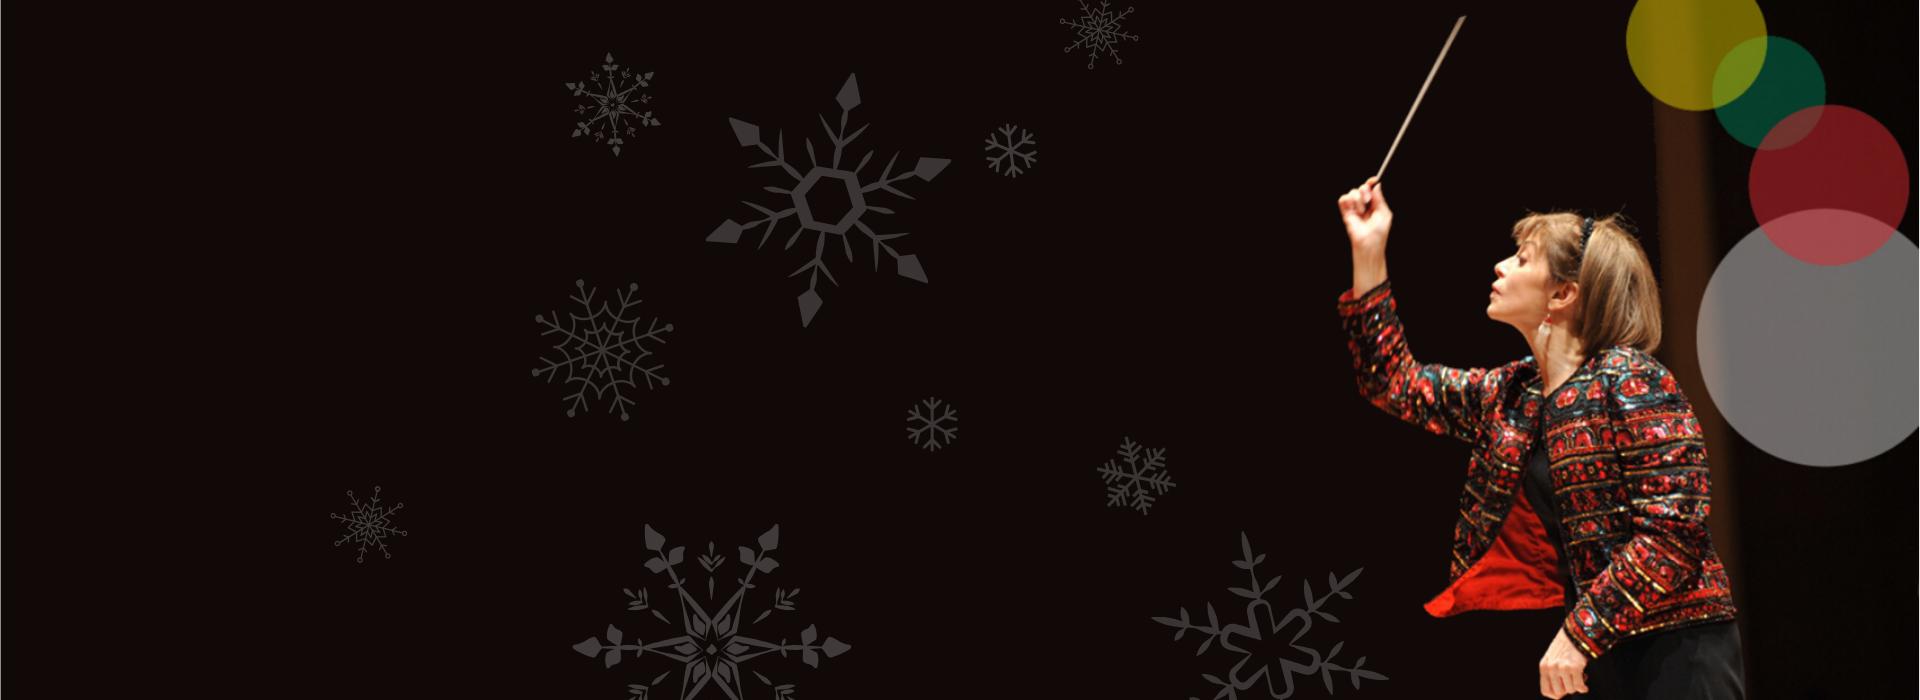 JoAnn's Classical Christmas